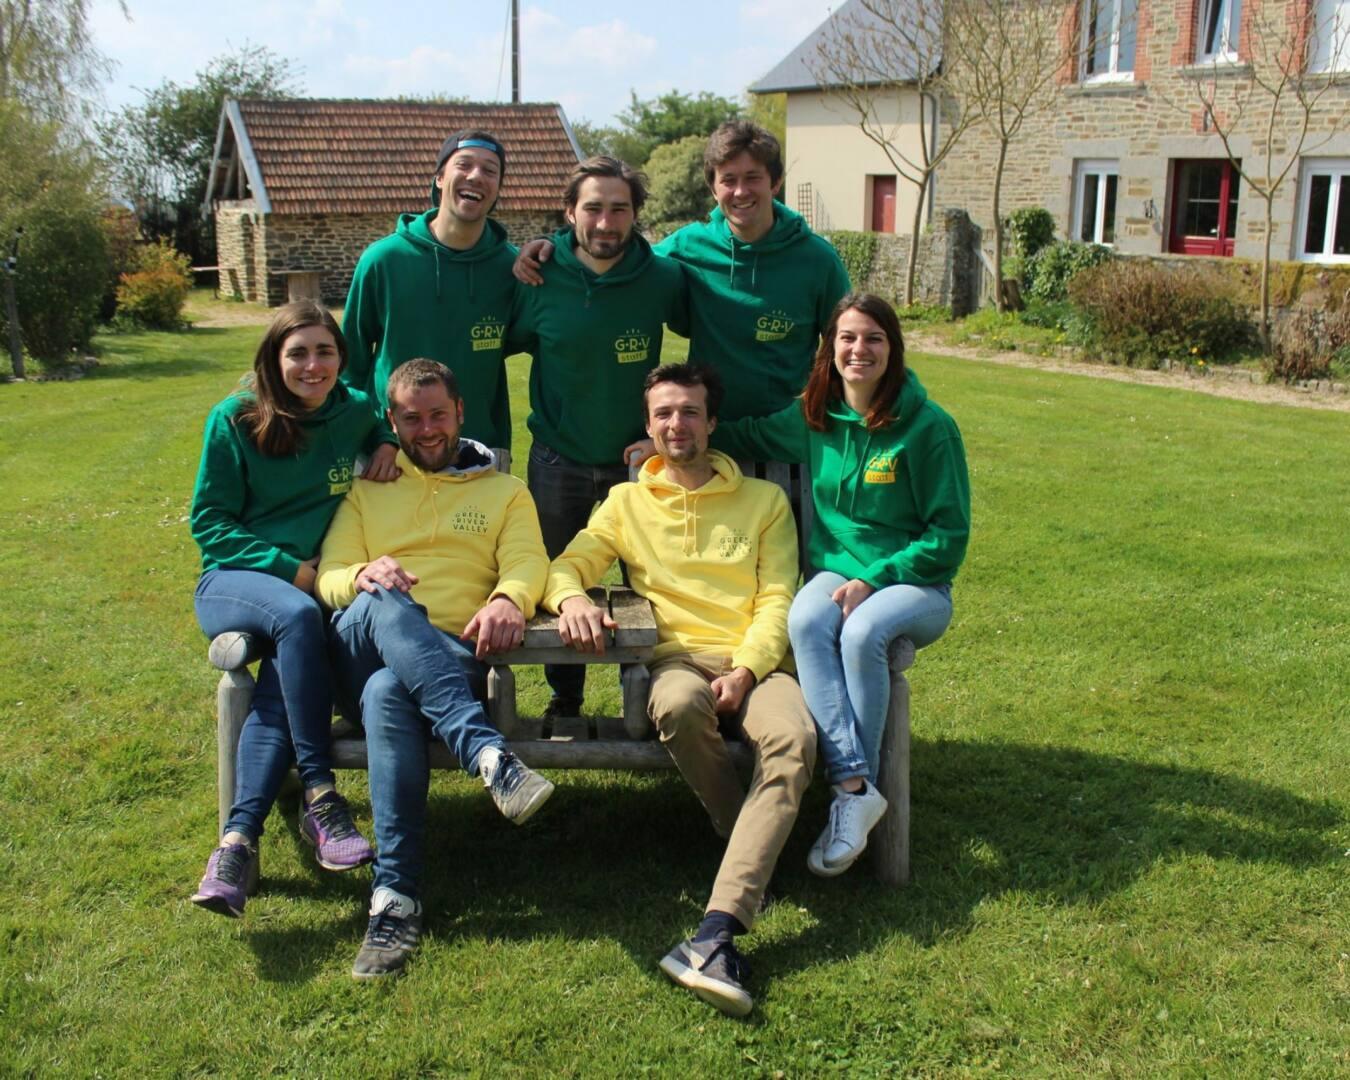 green river valley équipe organisateurs